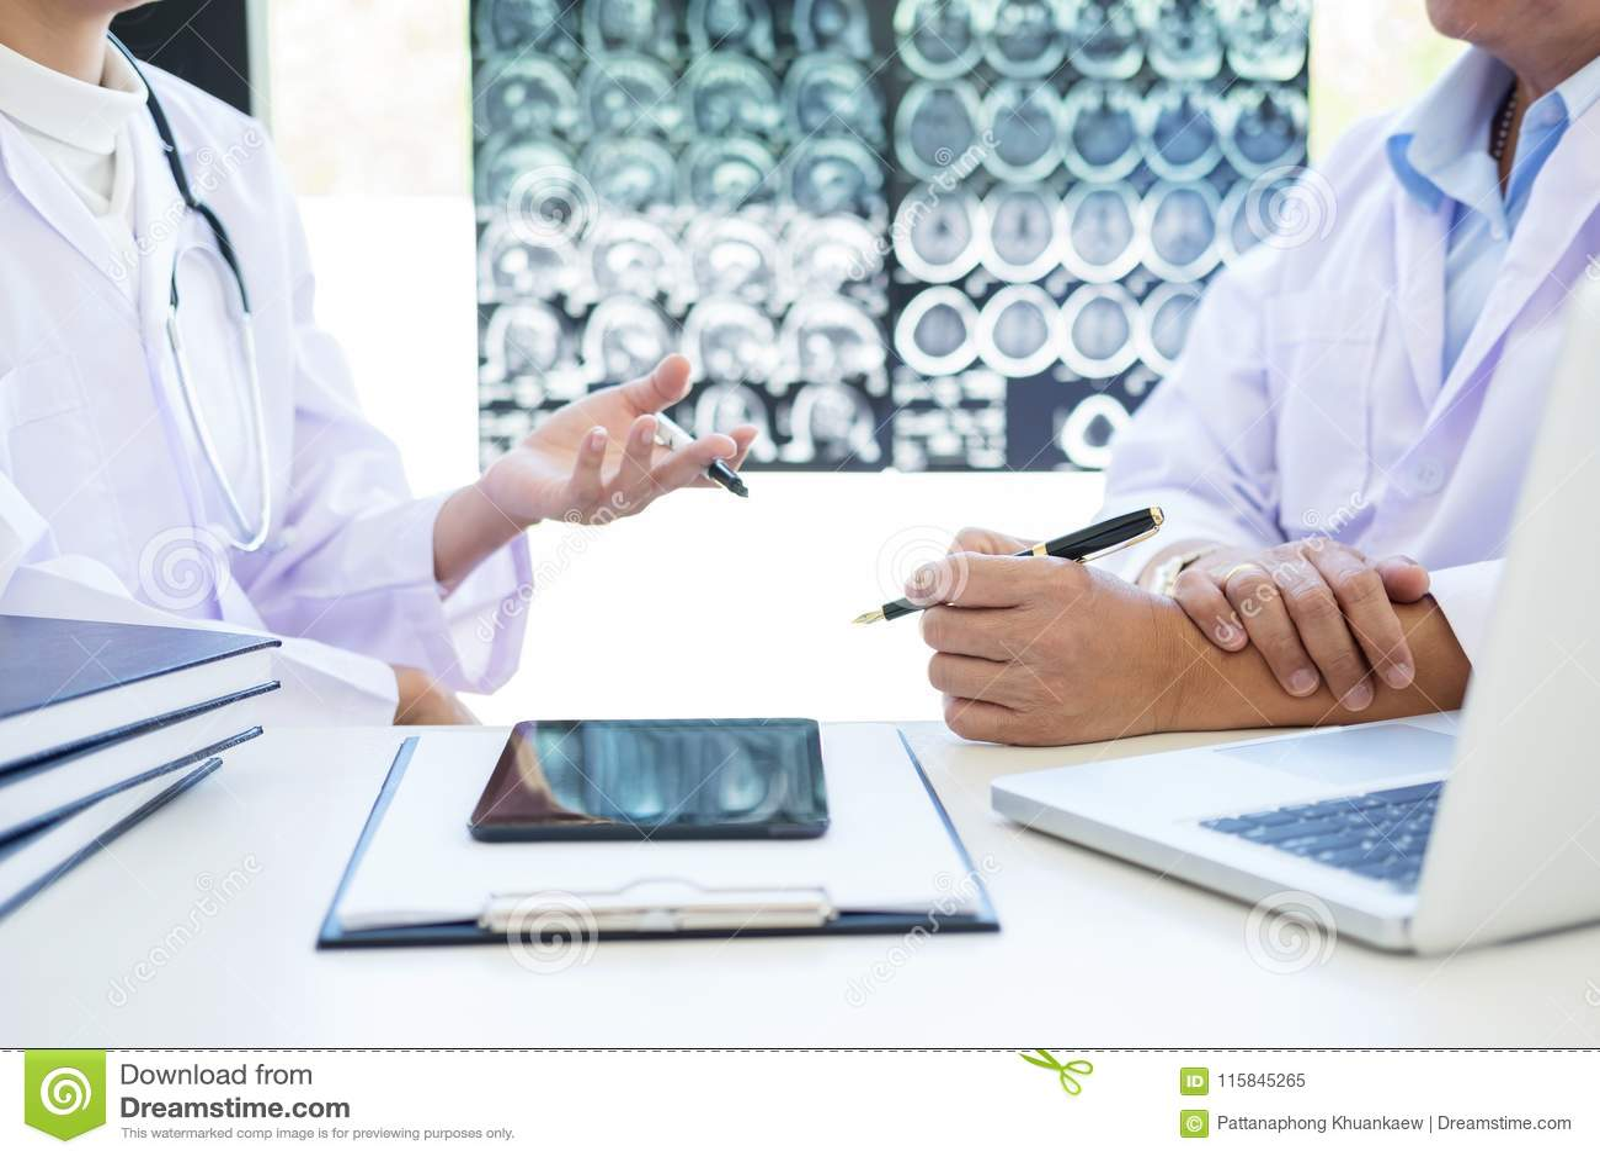 Συζήτηση καθηγητή Doctor μια μέθοδος με την υπομονετική θεραπεία, RES